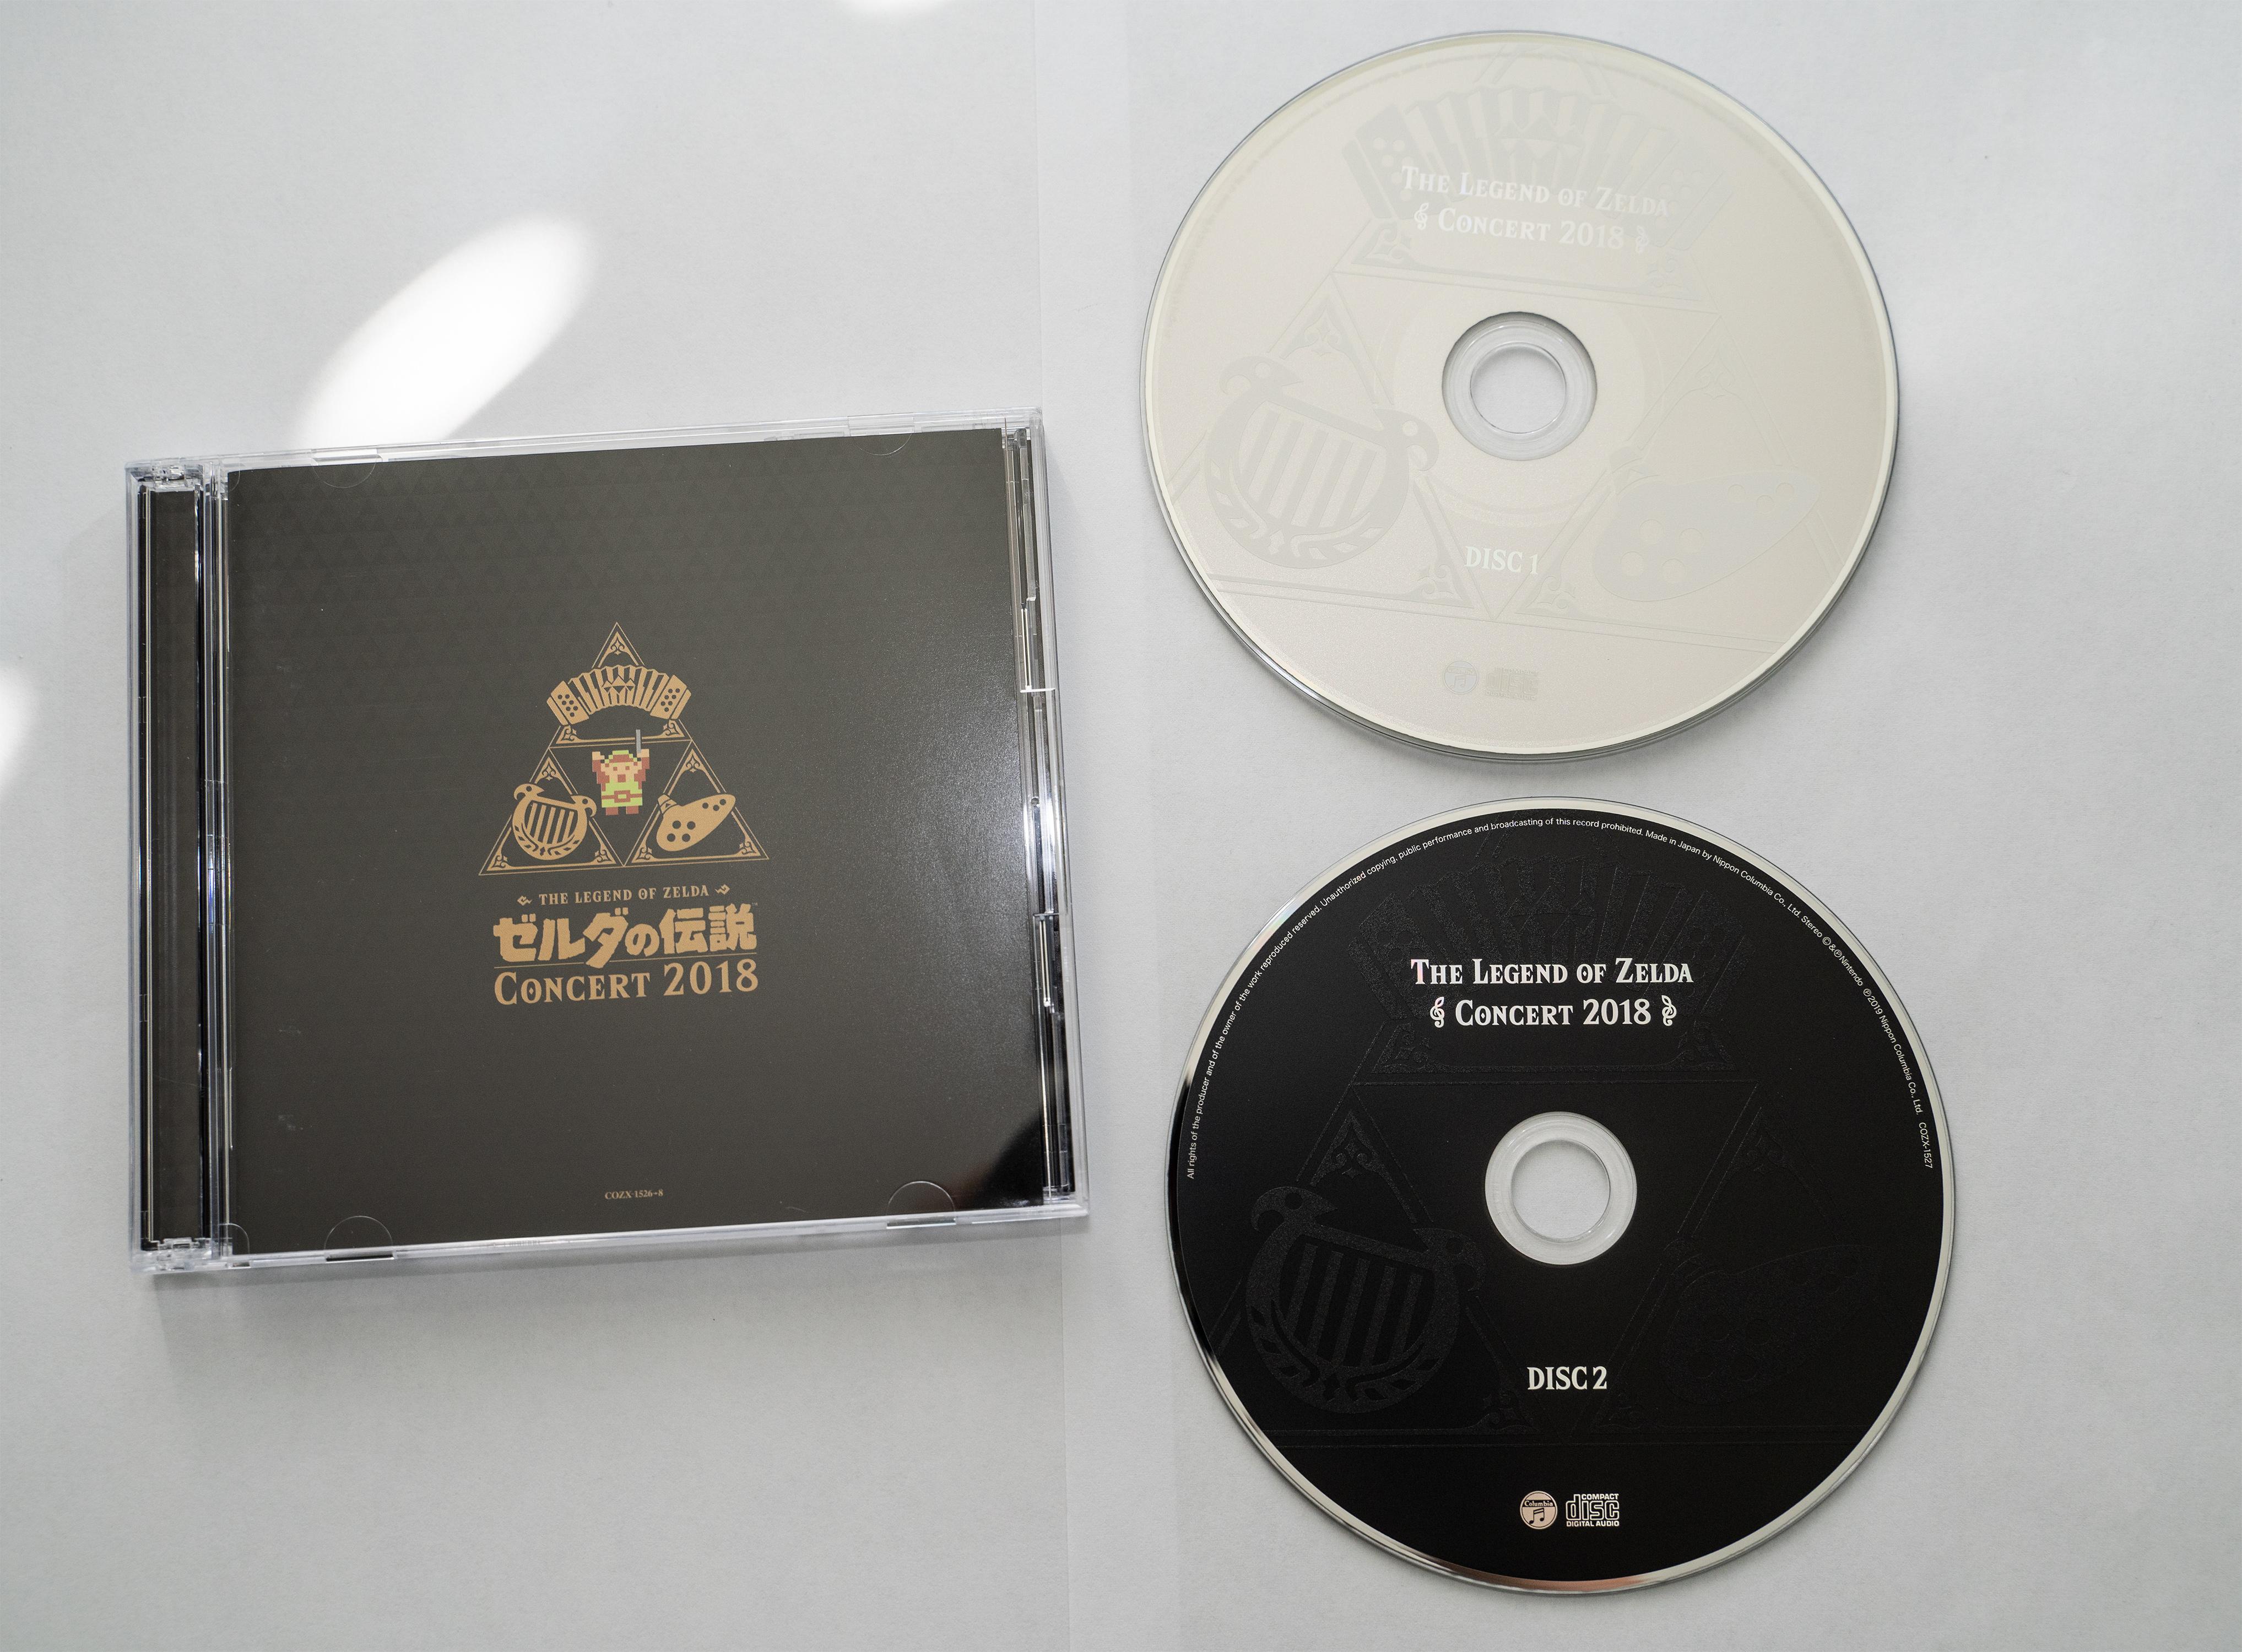 VA - The Legend of Zelda Concert 2018 (2CD) (2019) .mp3 -264 Kbps